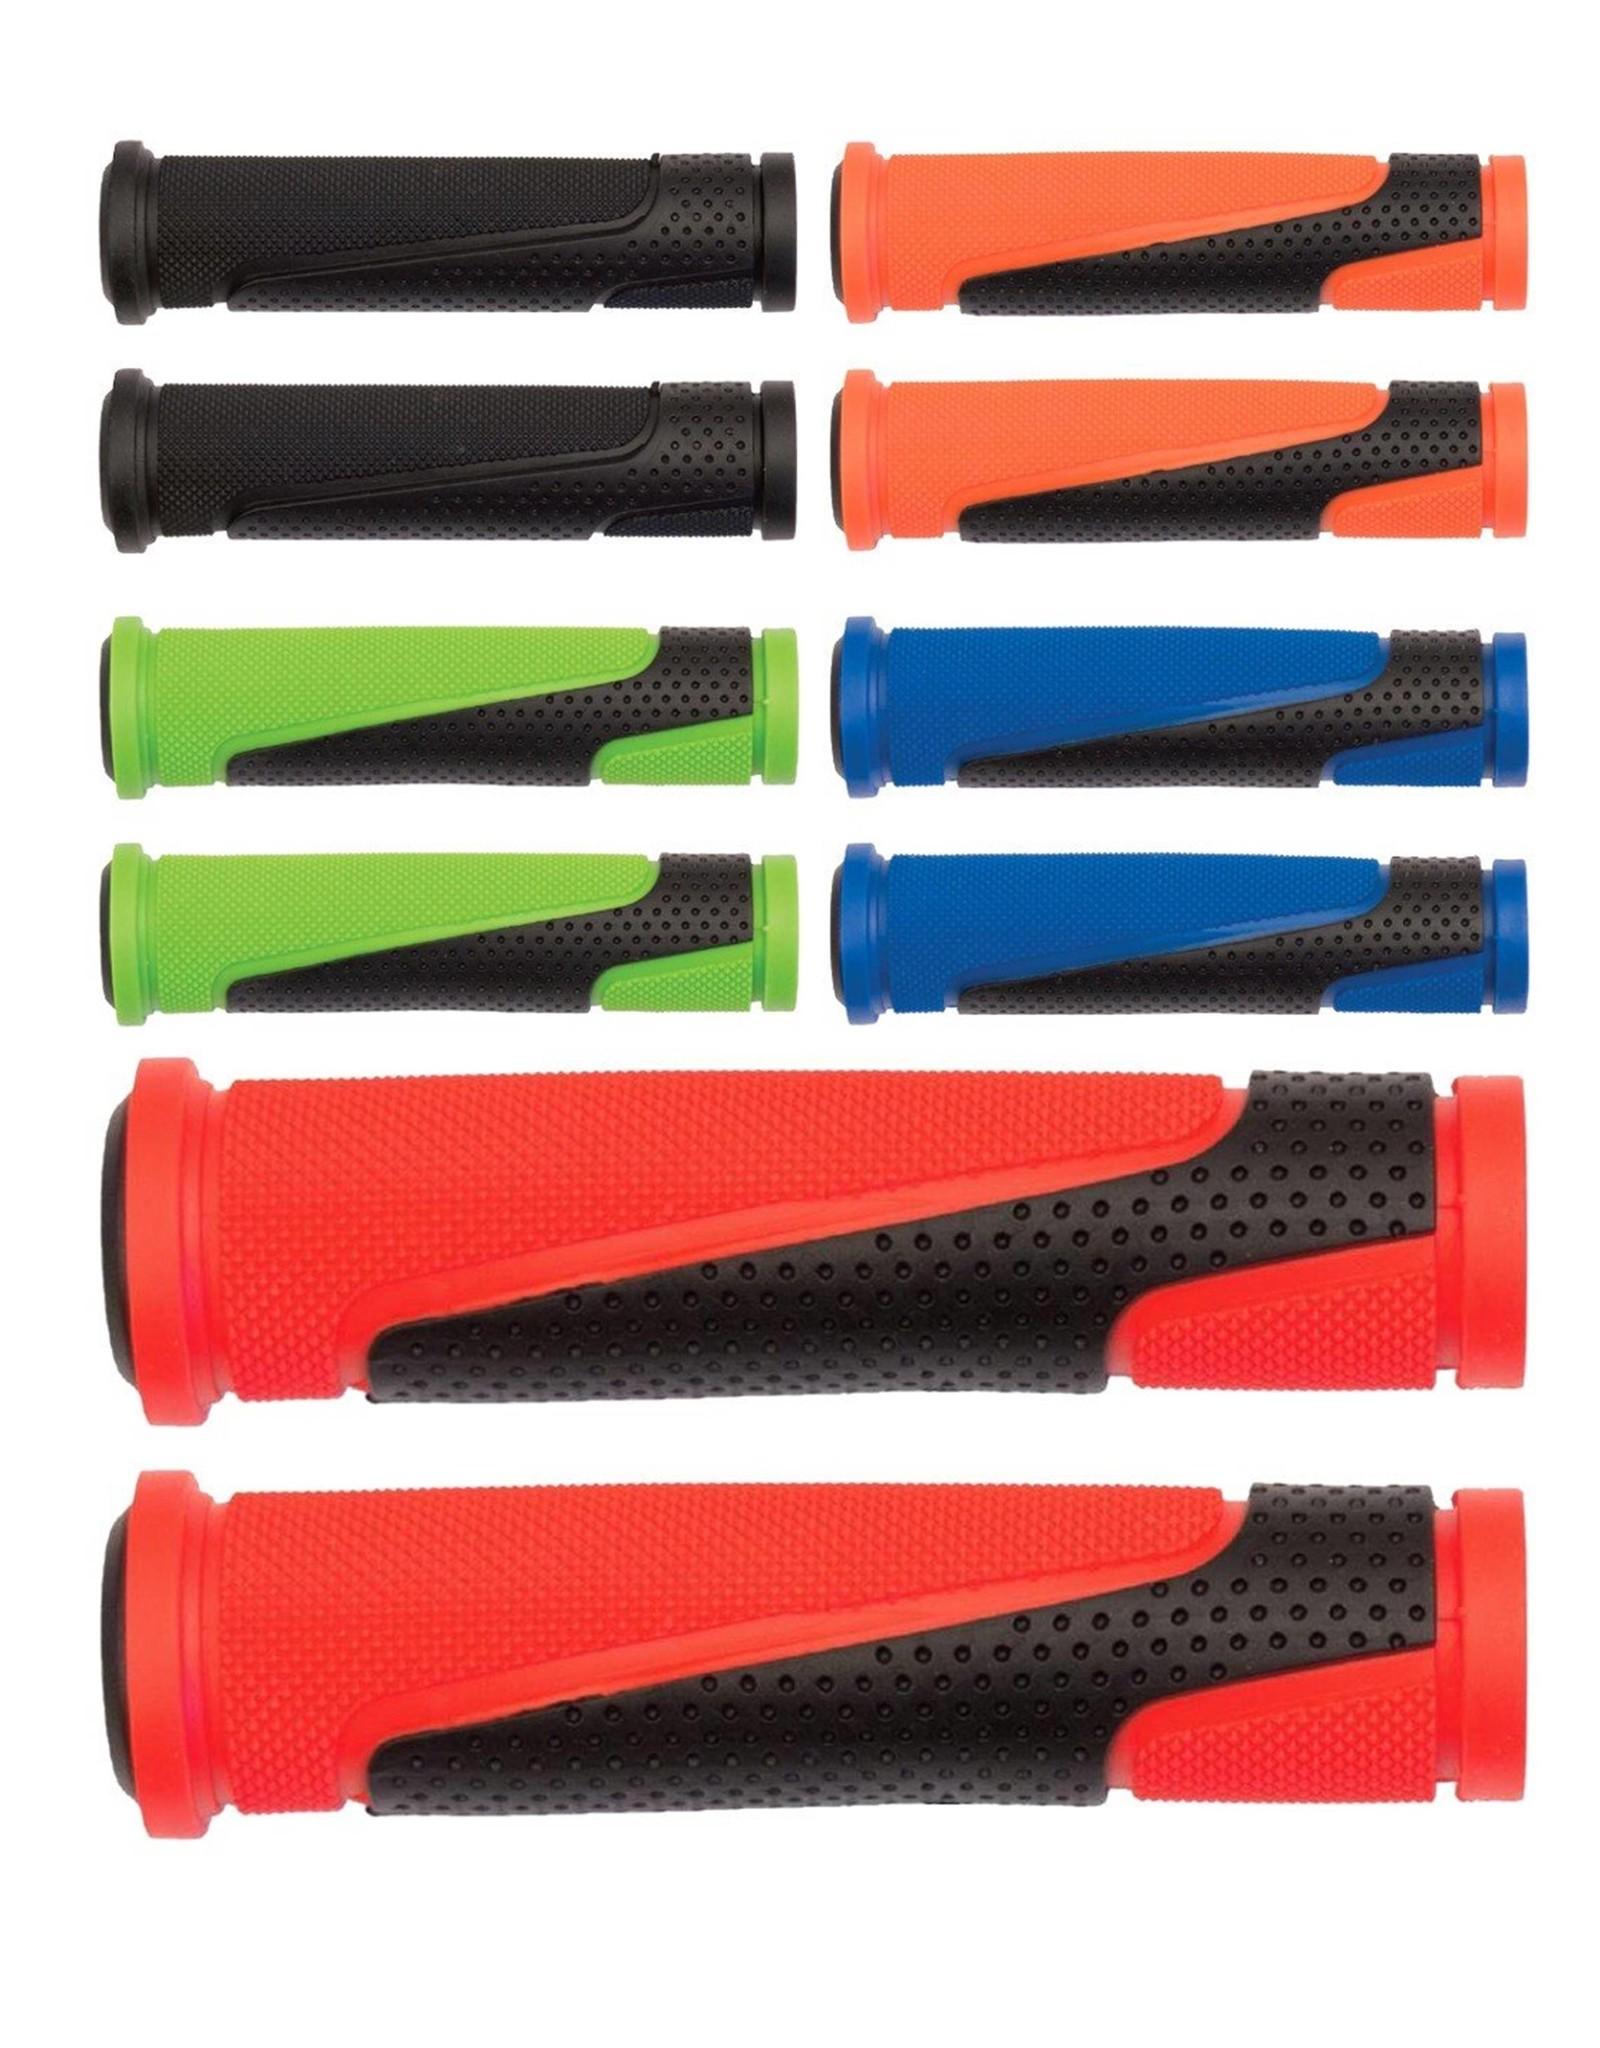 Bikecorp Bikecorp MTB Handlebar Grip